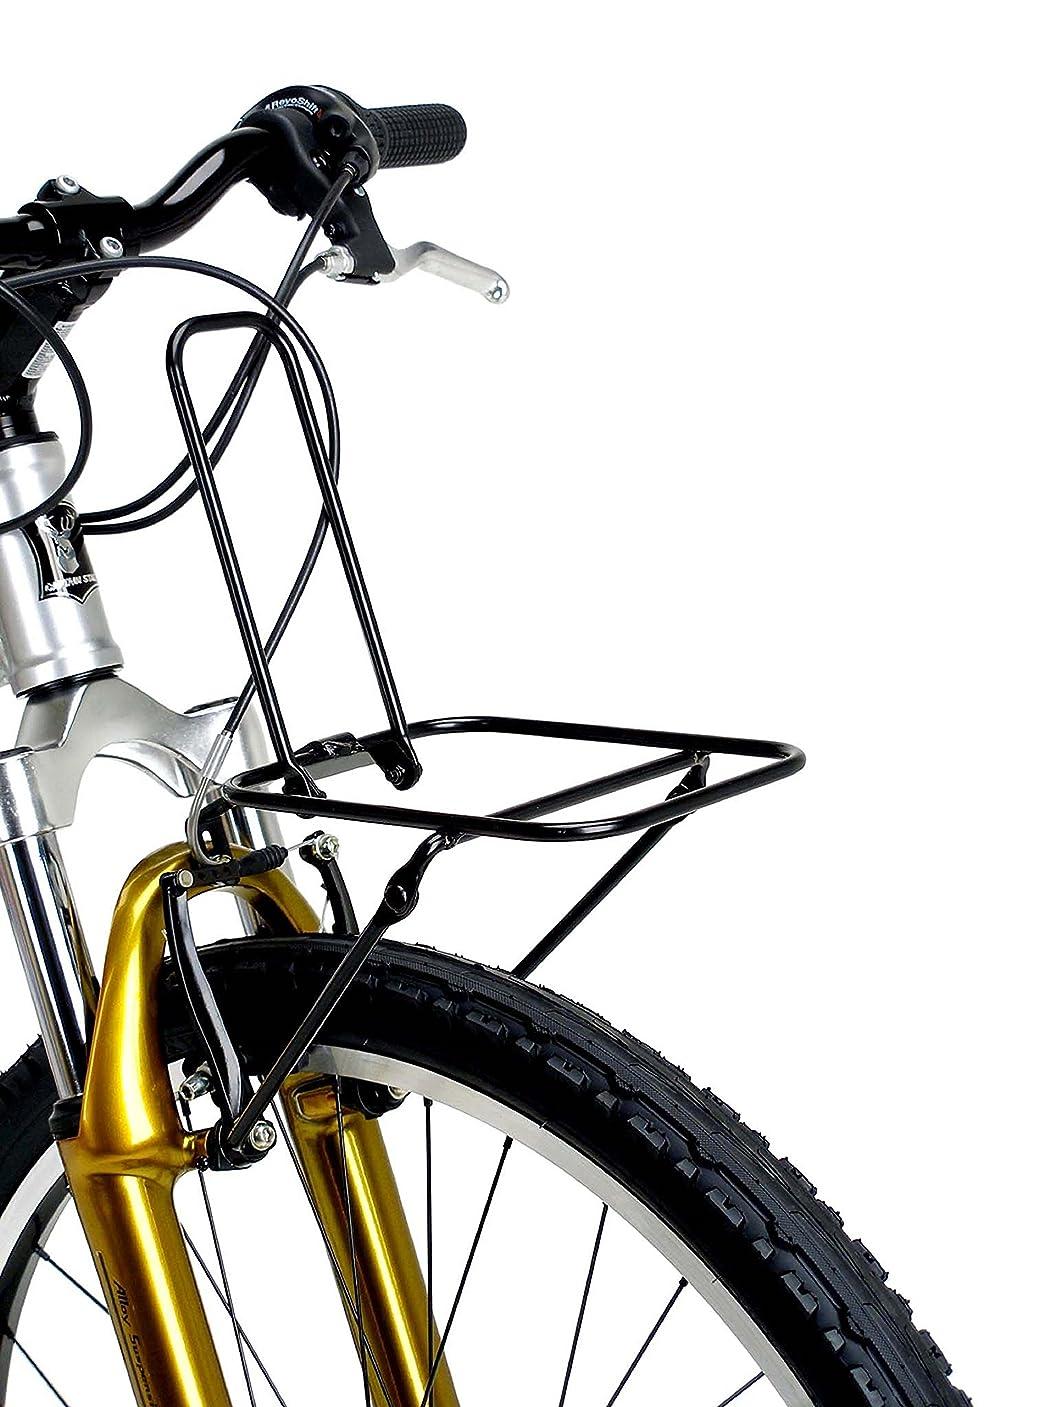 フェード公園悪魔U.R.L.laboratory フロントキャリア MTB&クロスバイク用 ブラック Y-7824